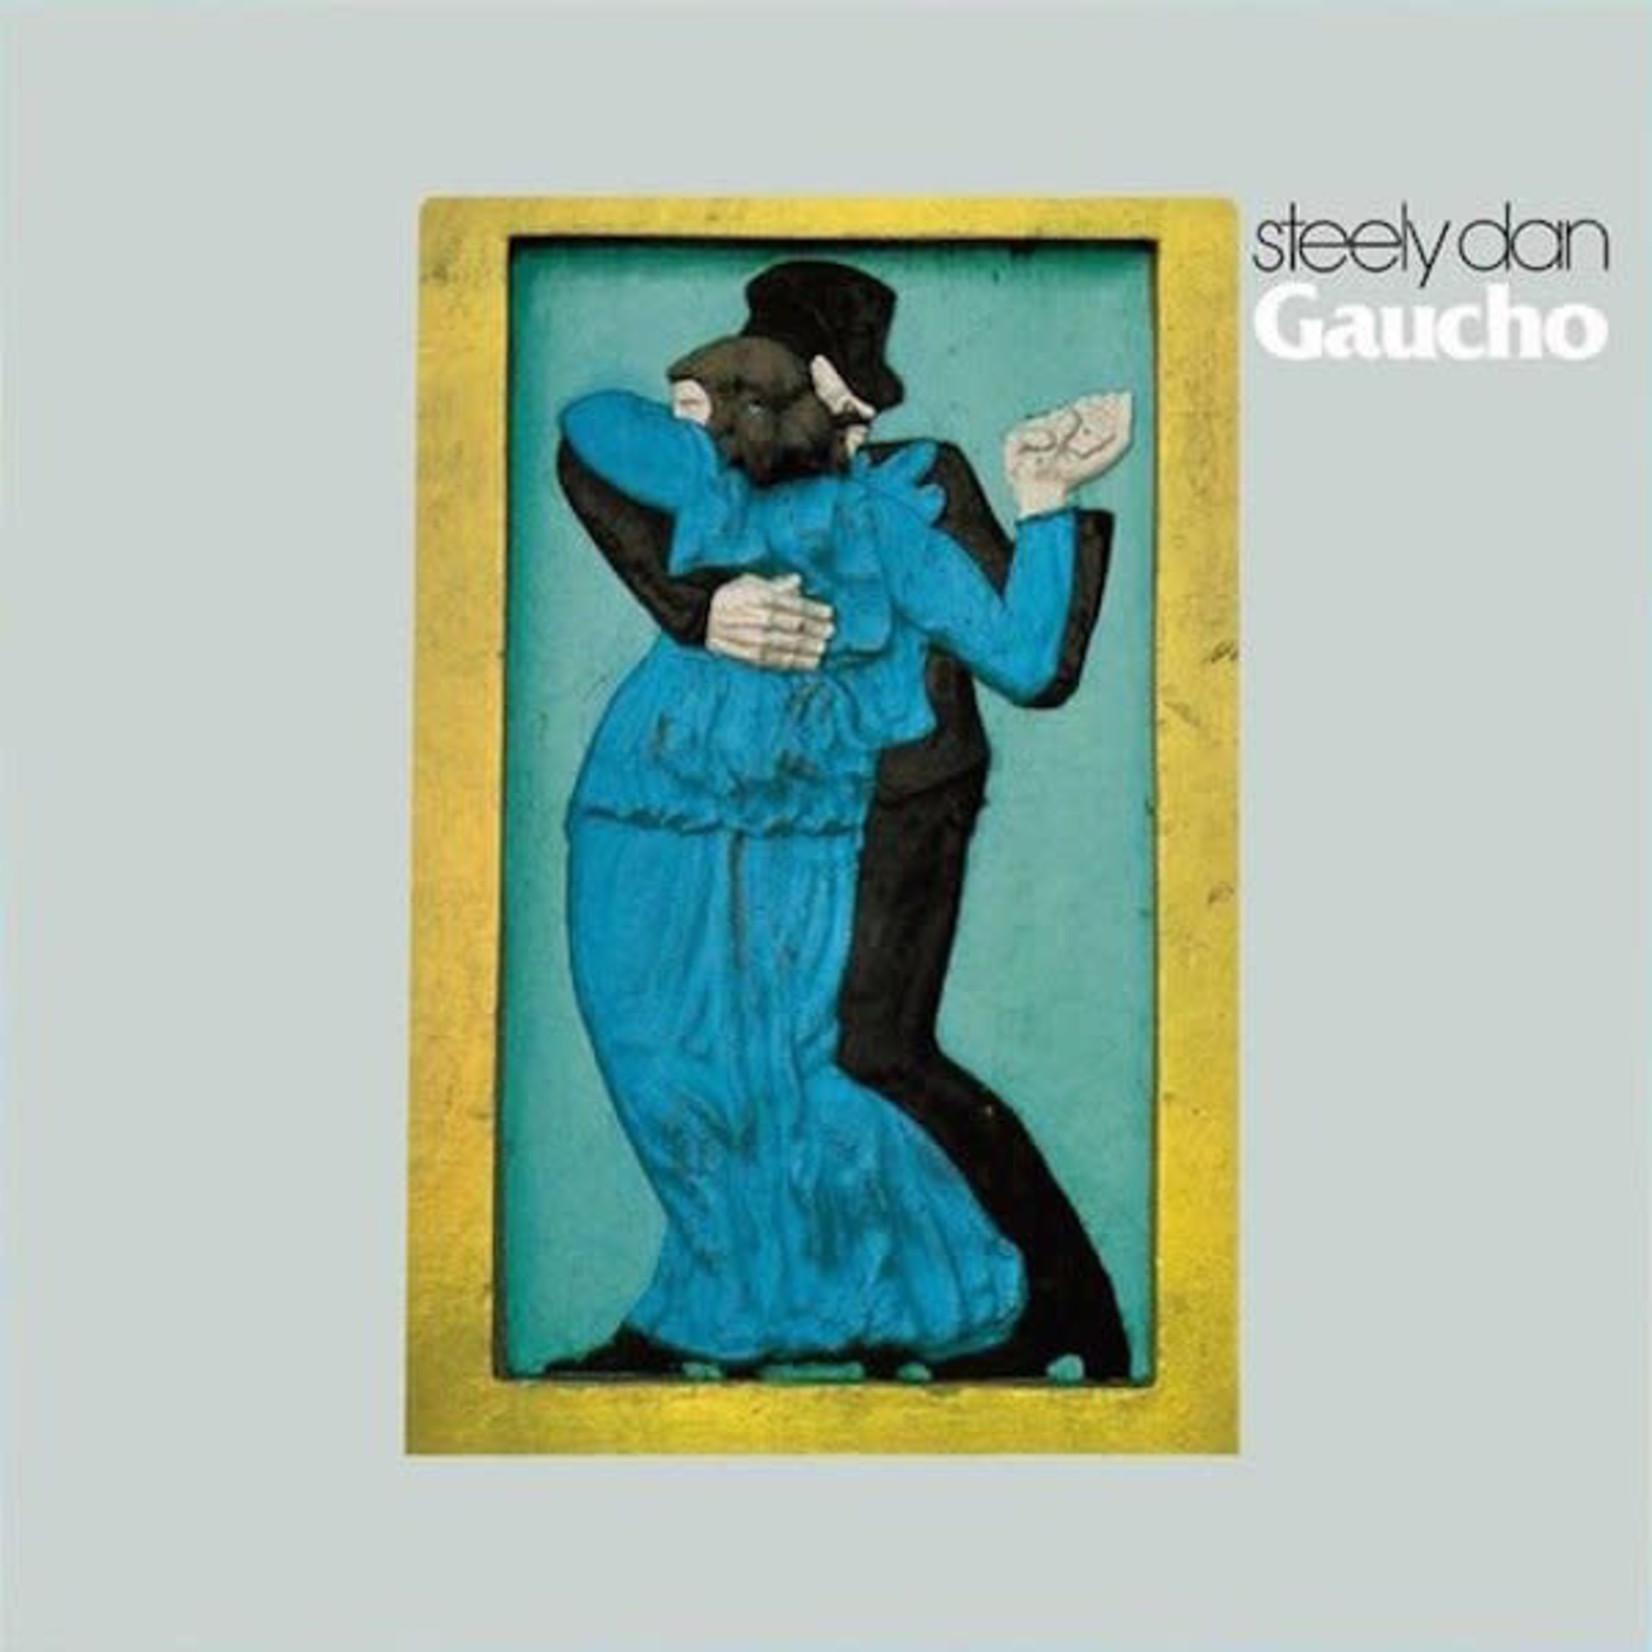 [Vintage] Steely Dan: Gaucho